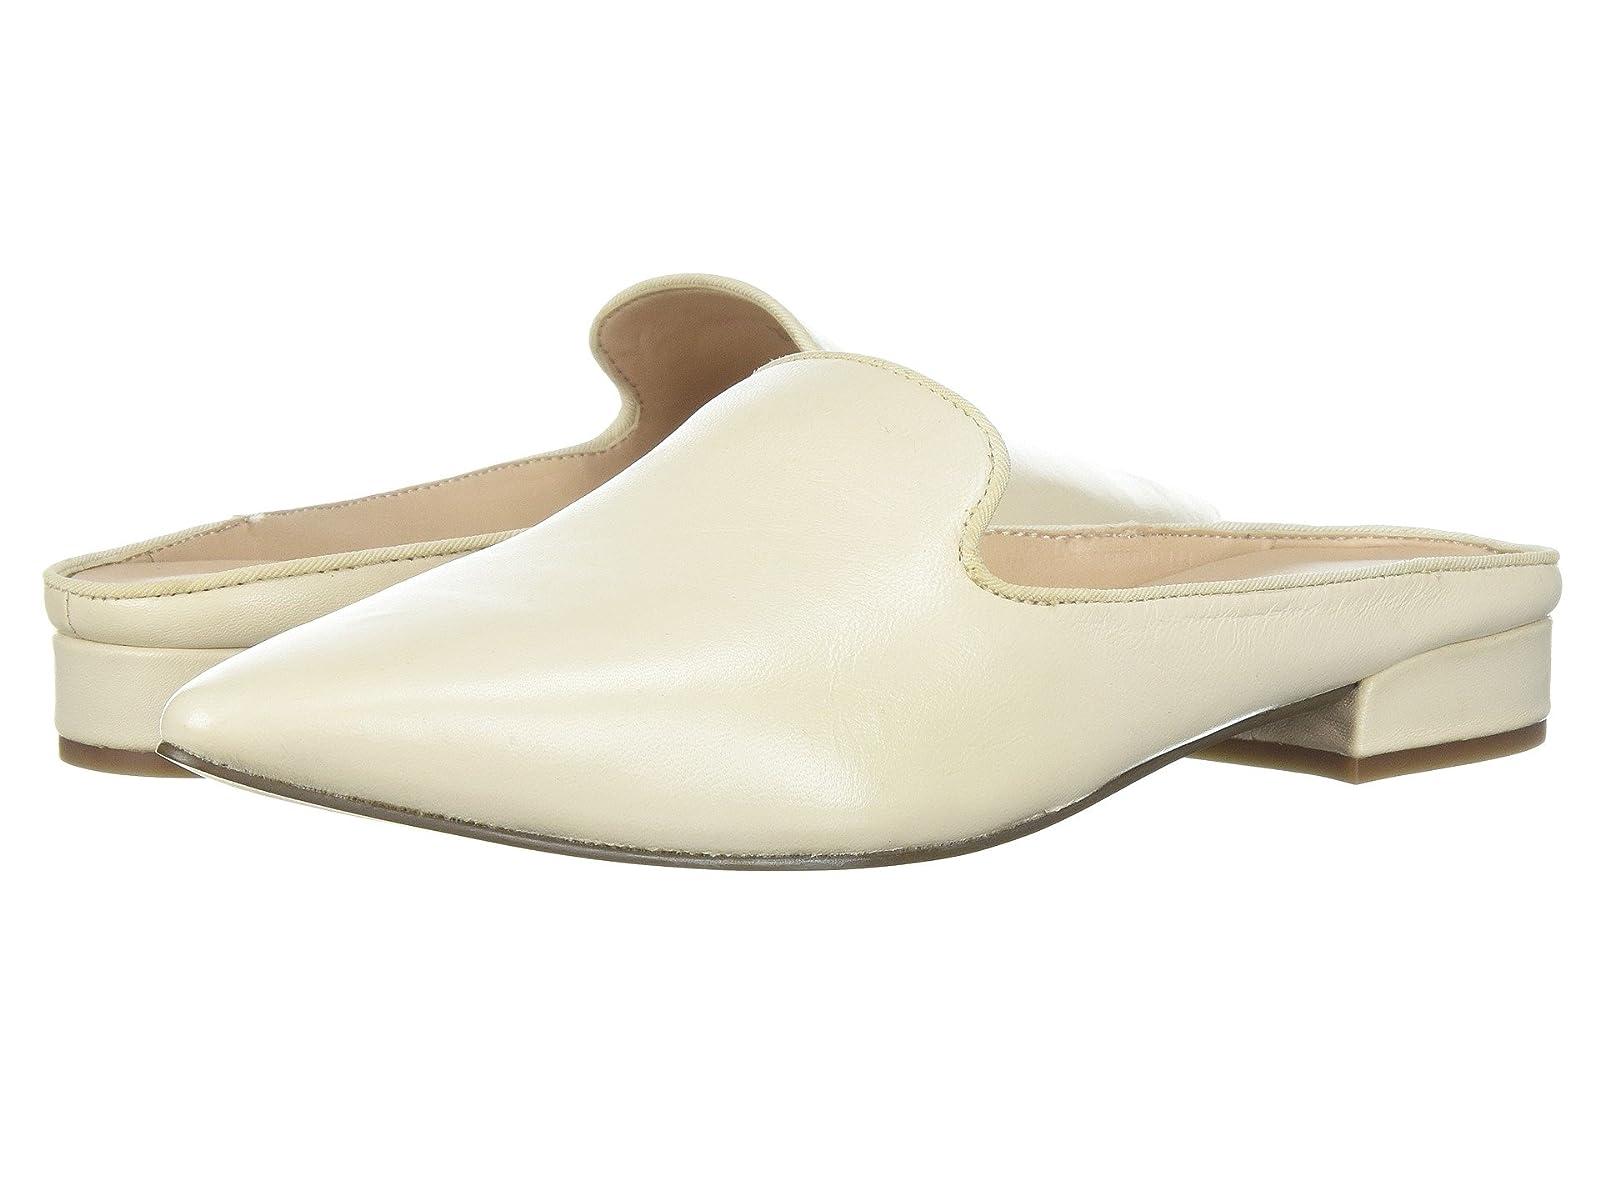 Franco Sarto Samanta 2Cheap and distinctive eye-catching shoes